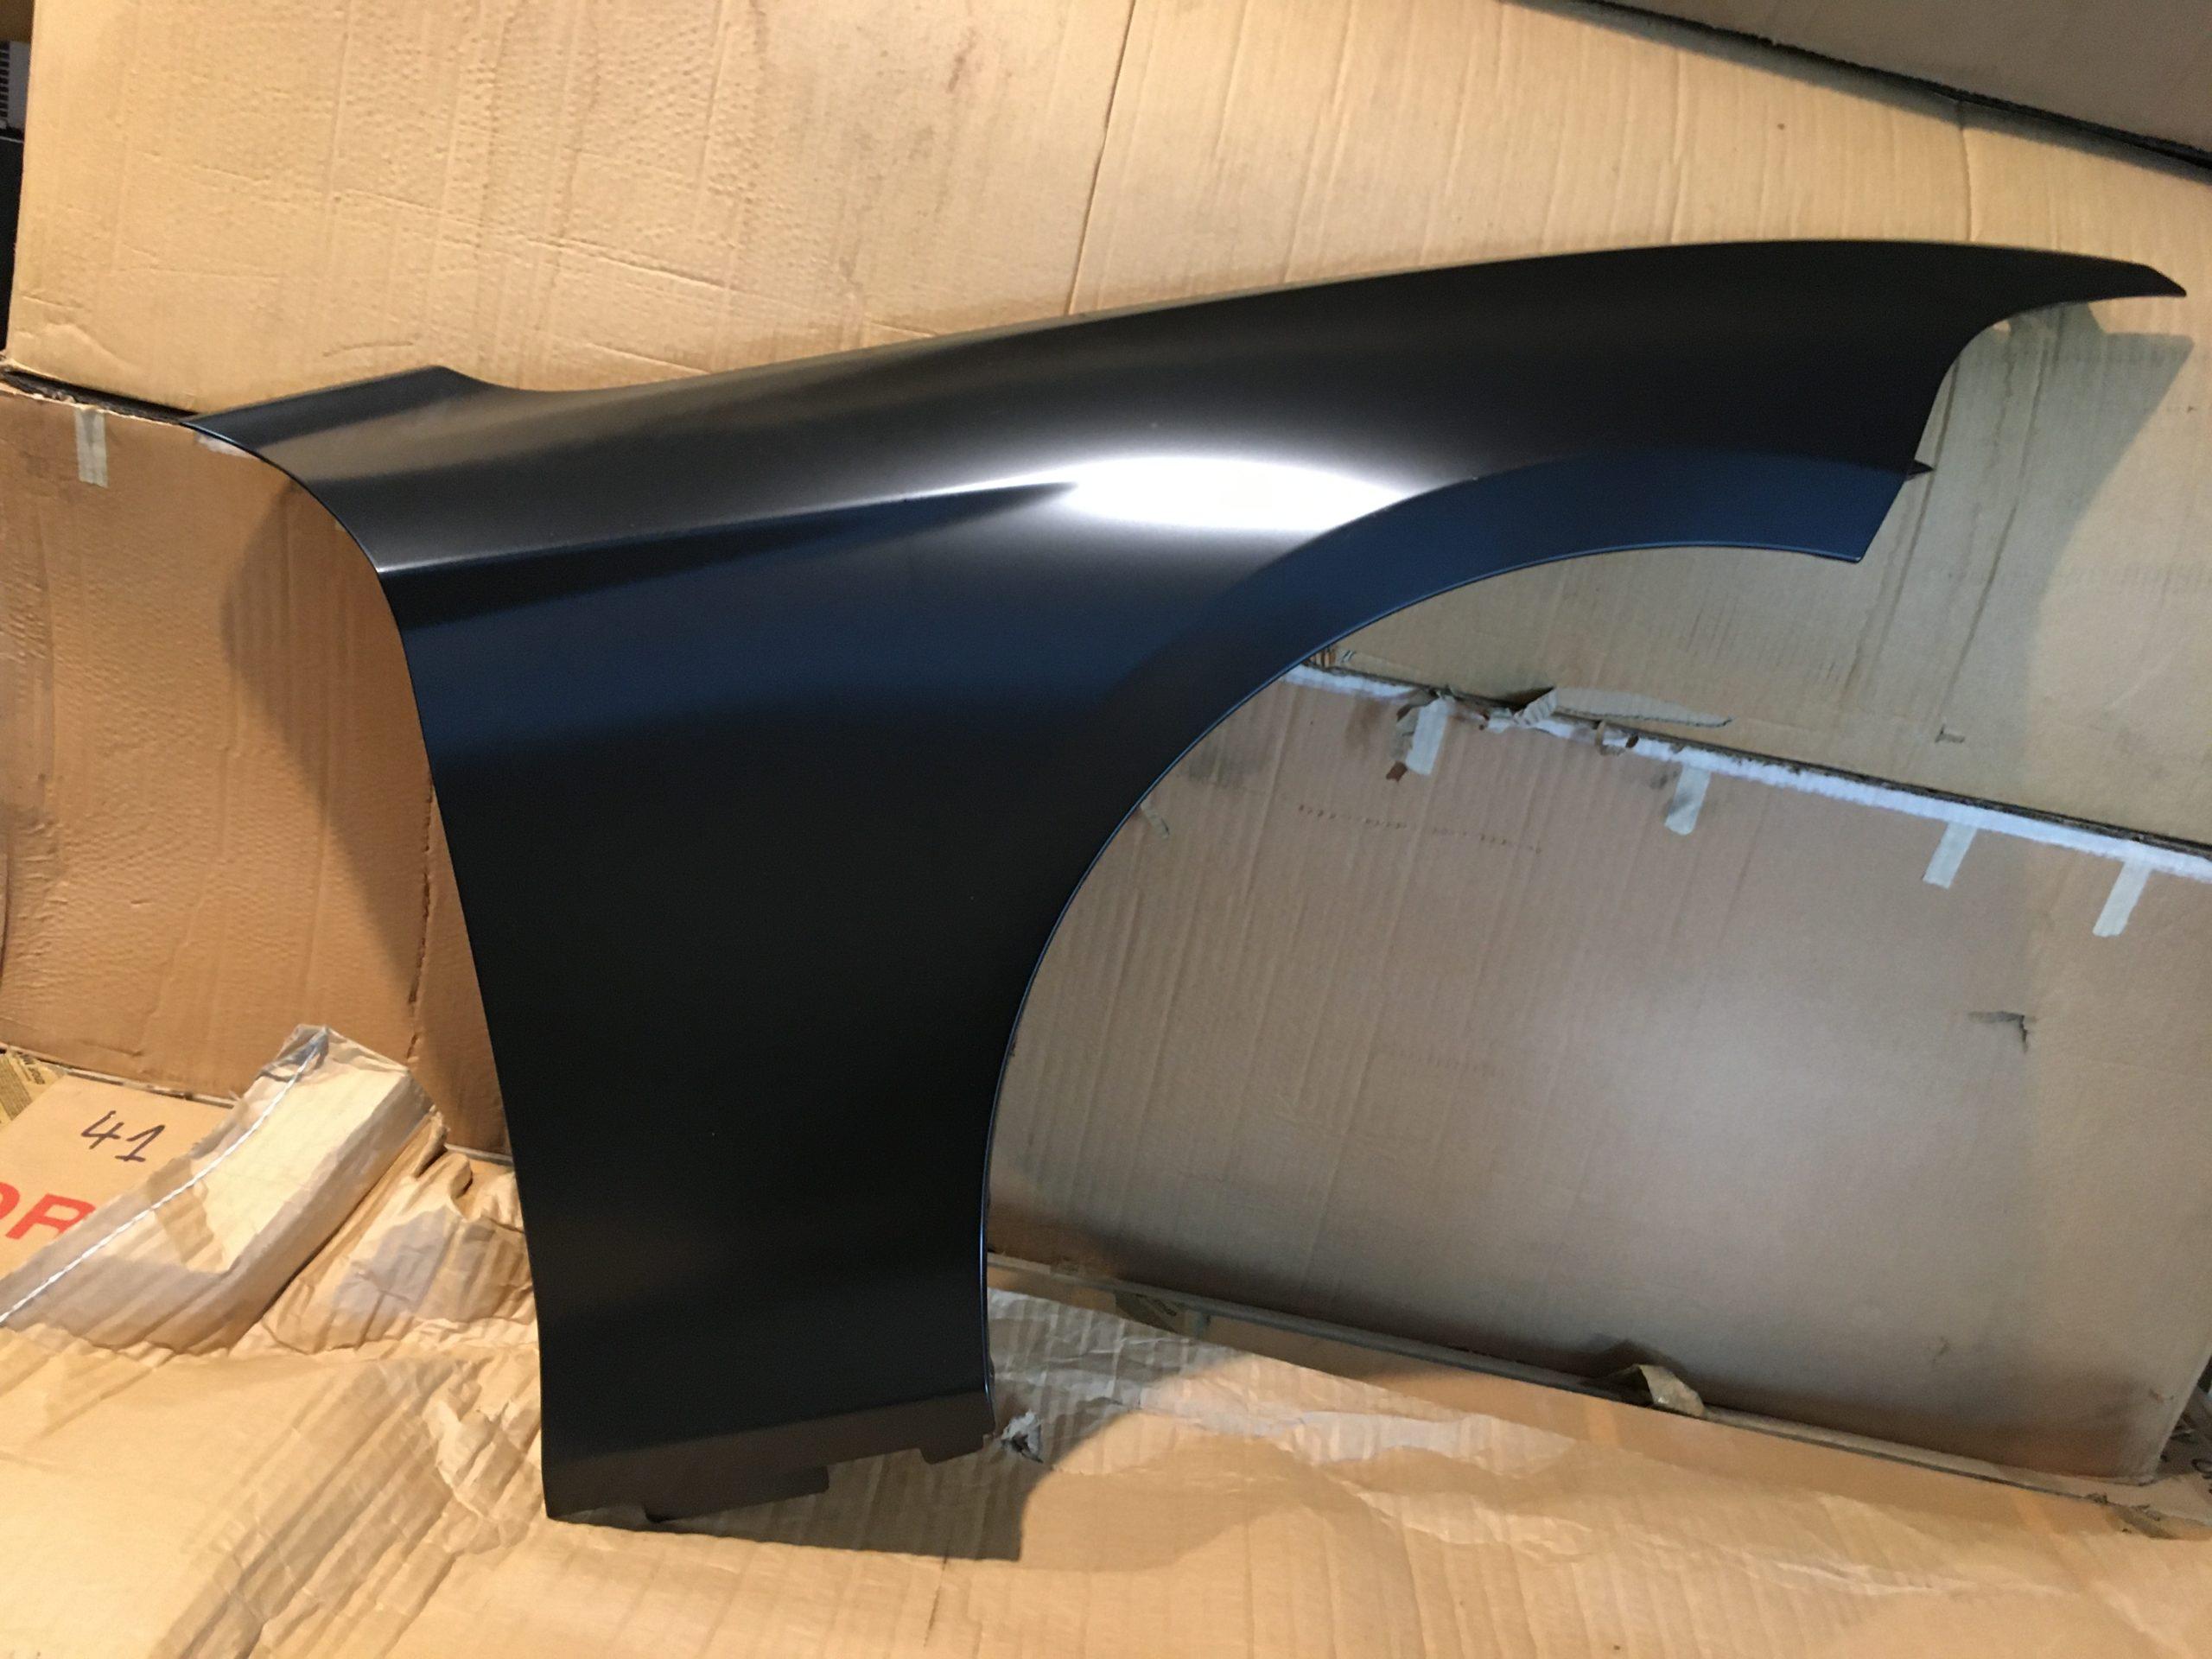 Aile AV BMW F20 Image